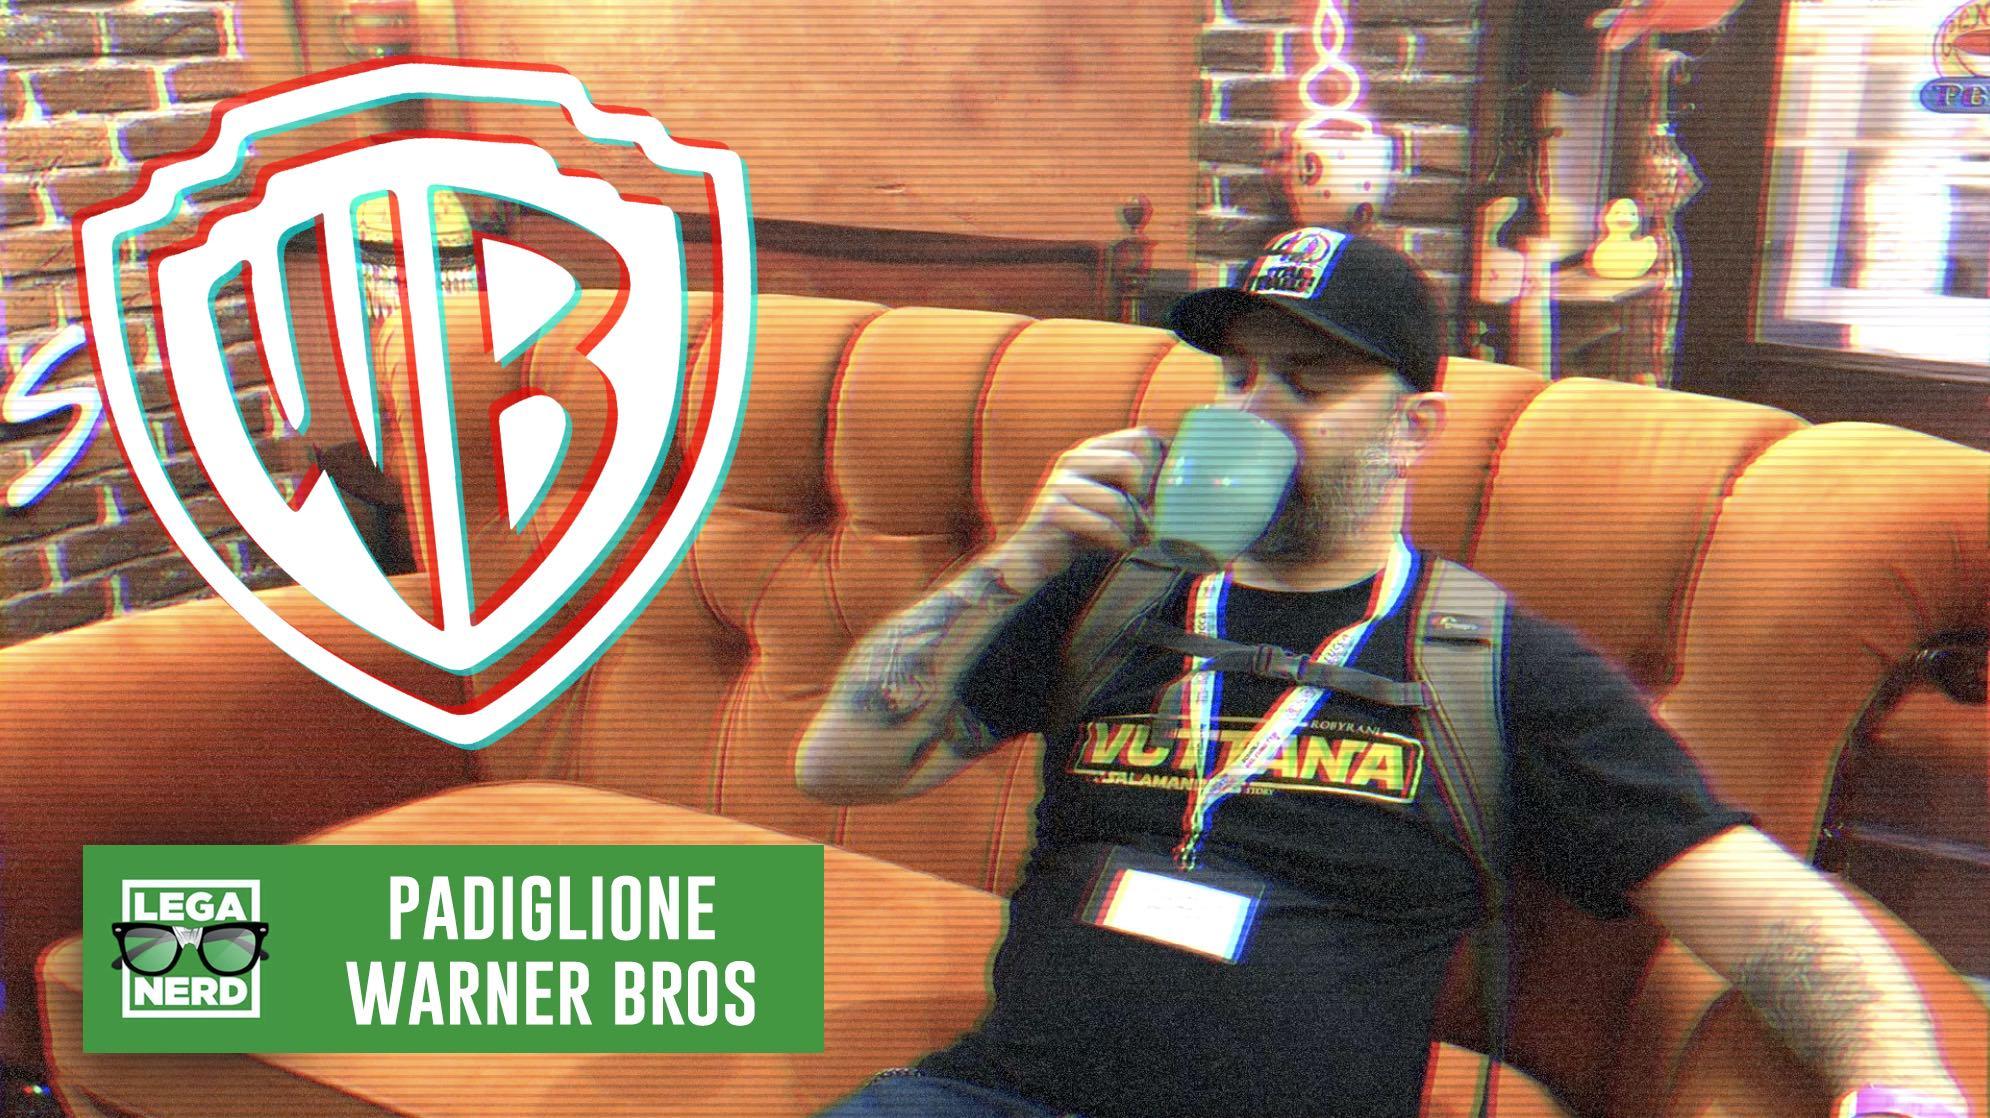 Il Padiglione Warner Bros a Lucca Comics & Games 2019